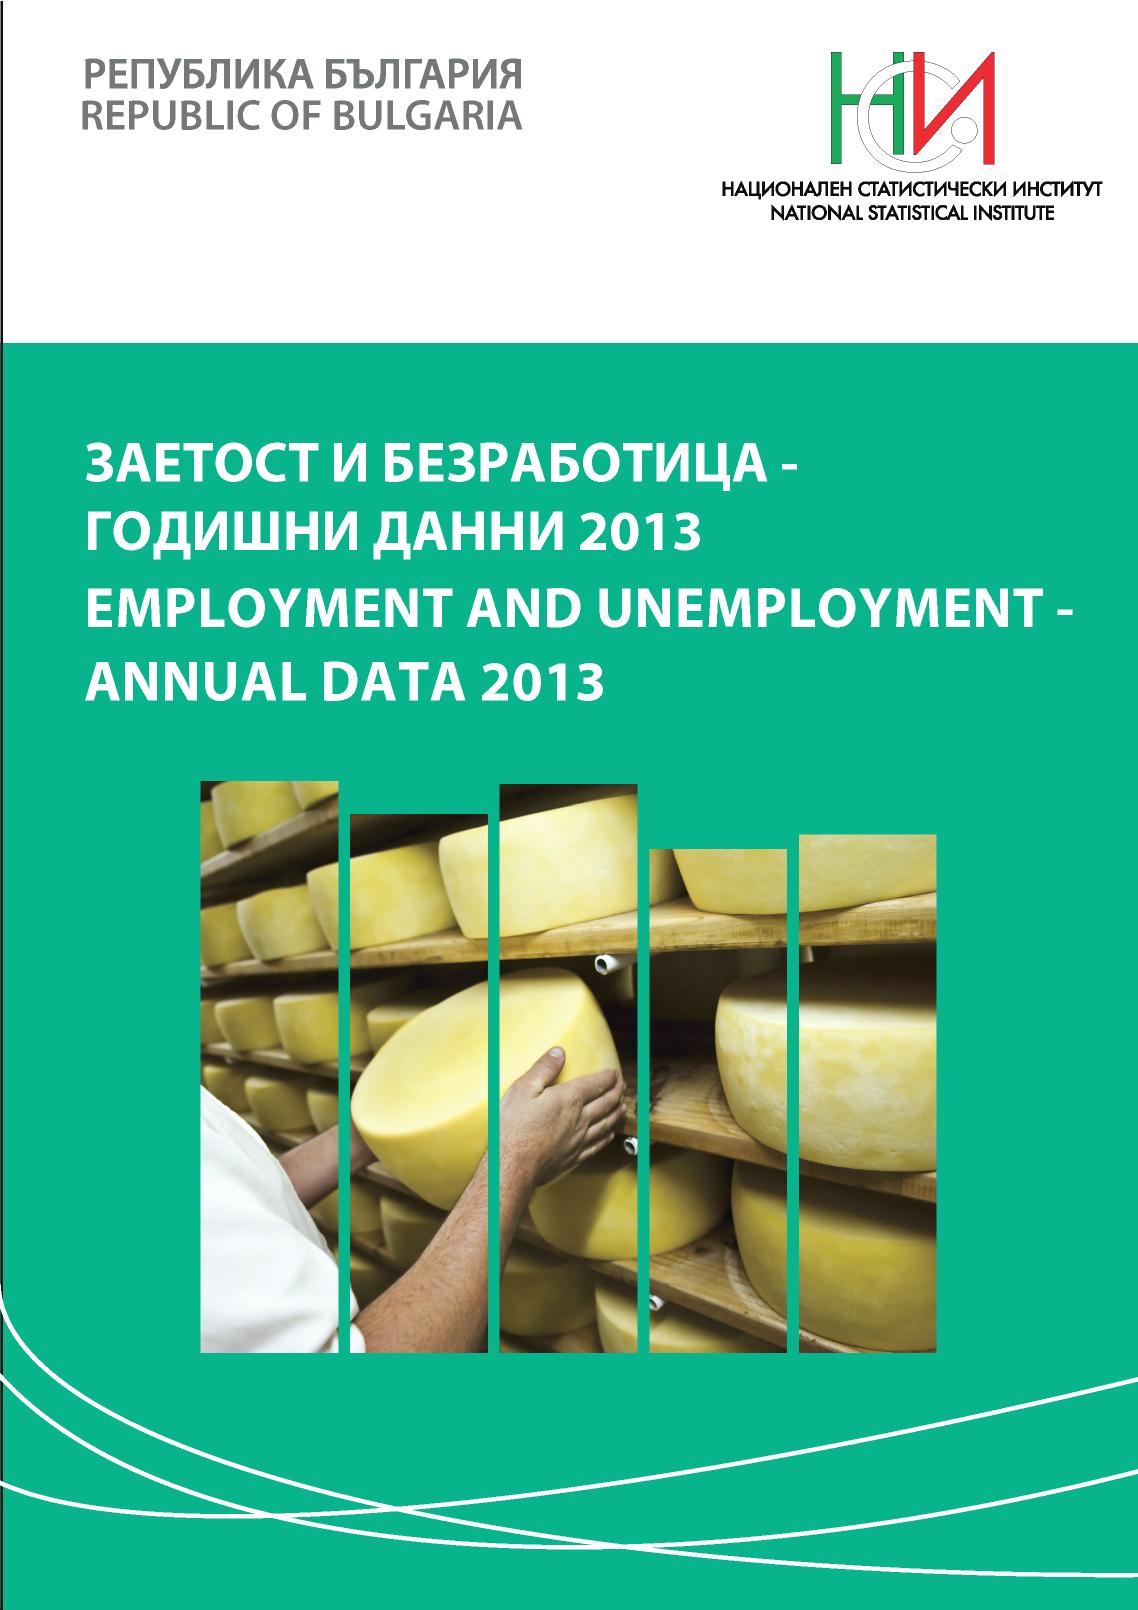 Заетост и безработица - годишни данни 2013